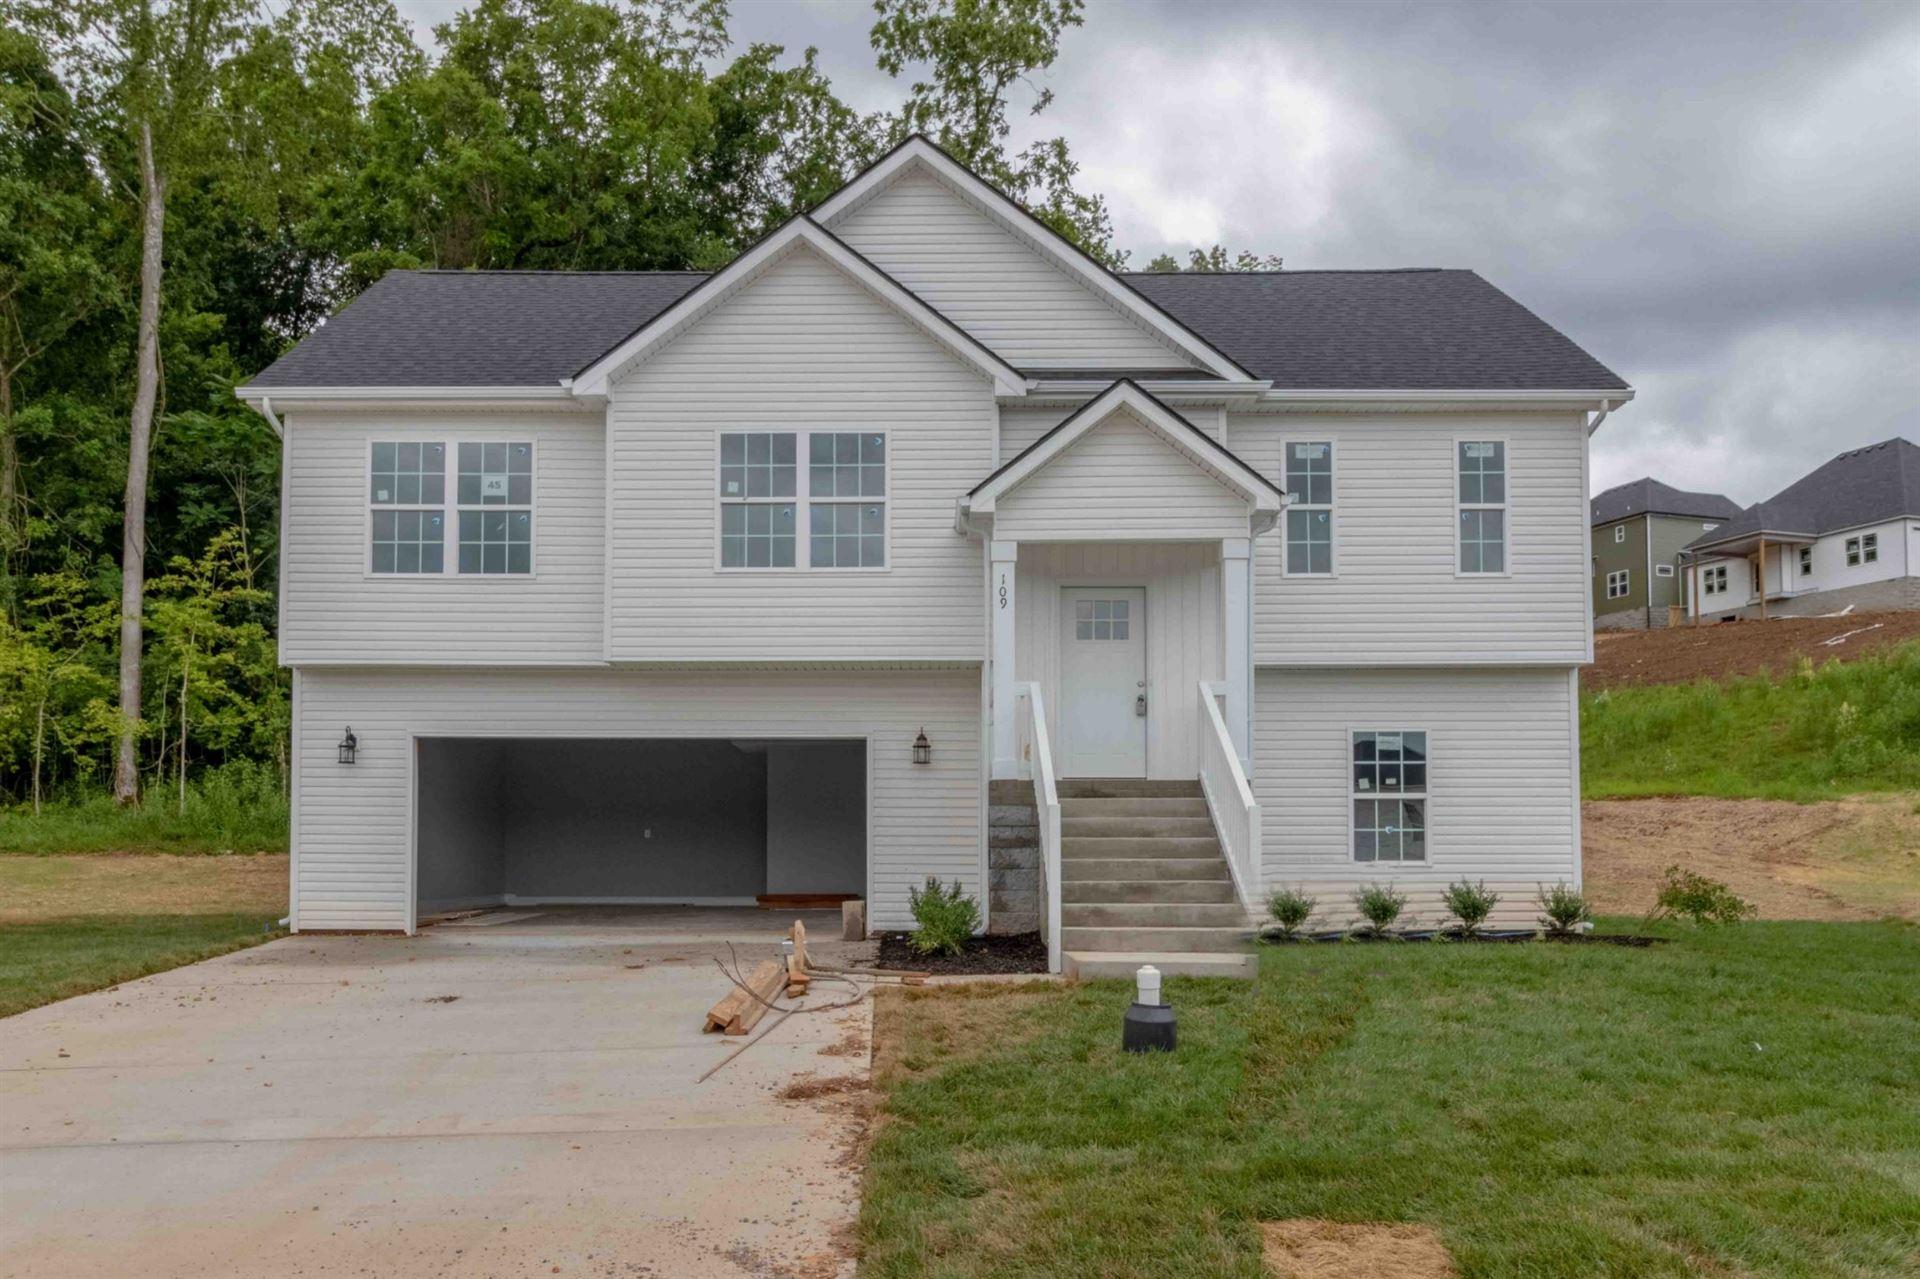 109 Cotton Court, Clarksville, TN 37042 - MLS#: 2225560